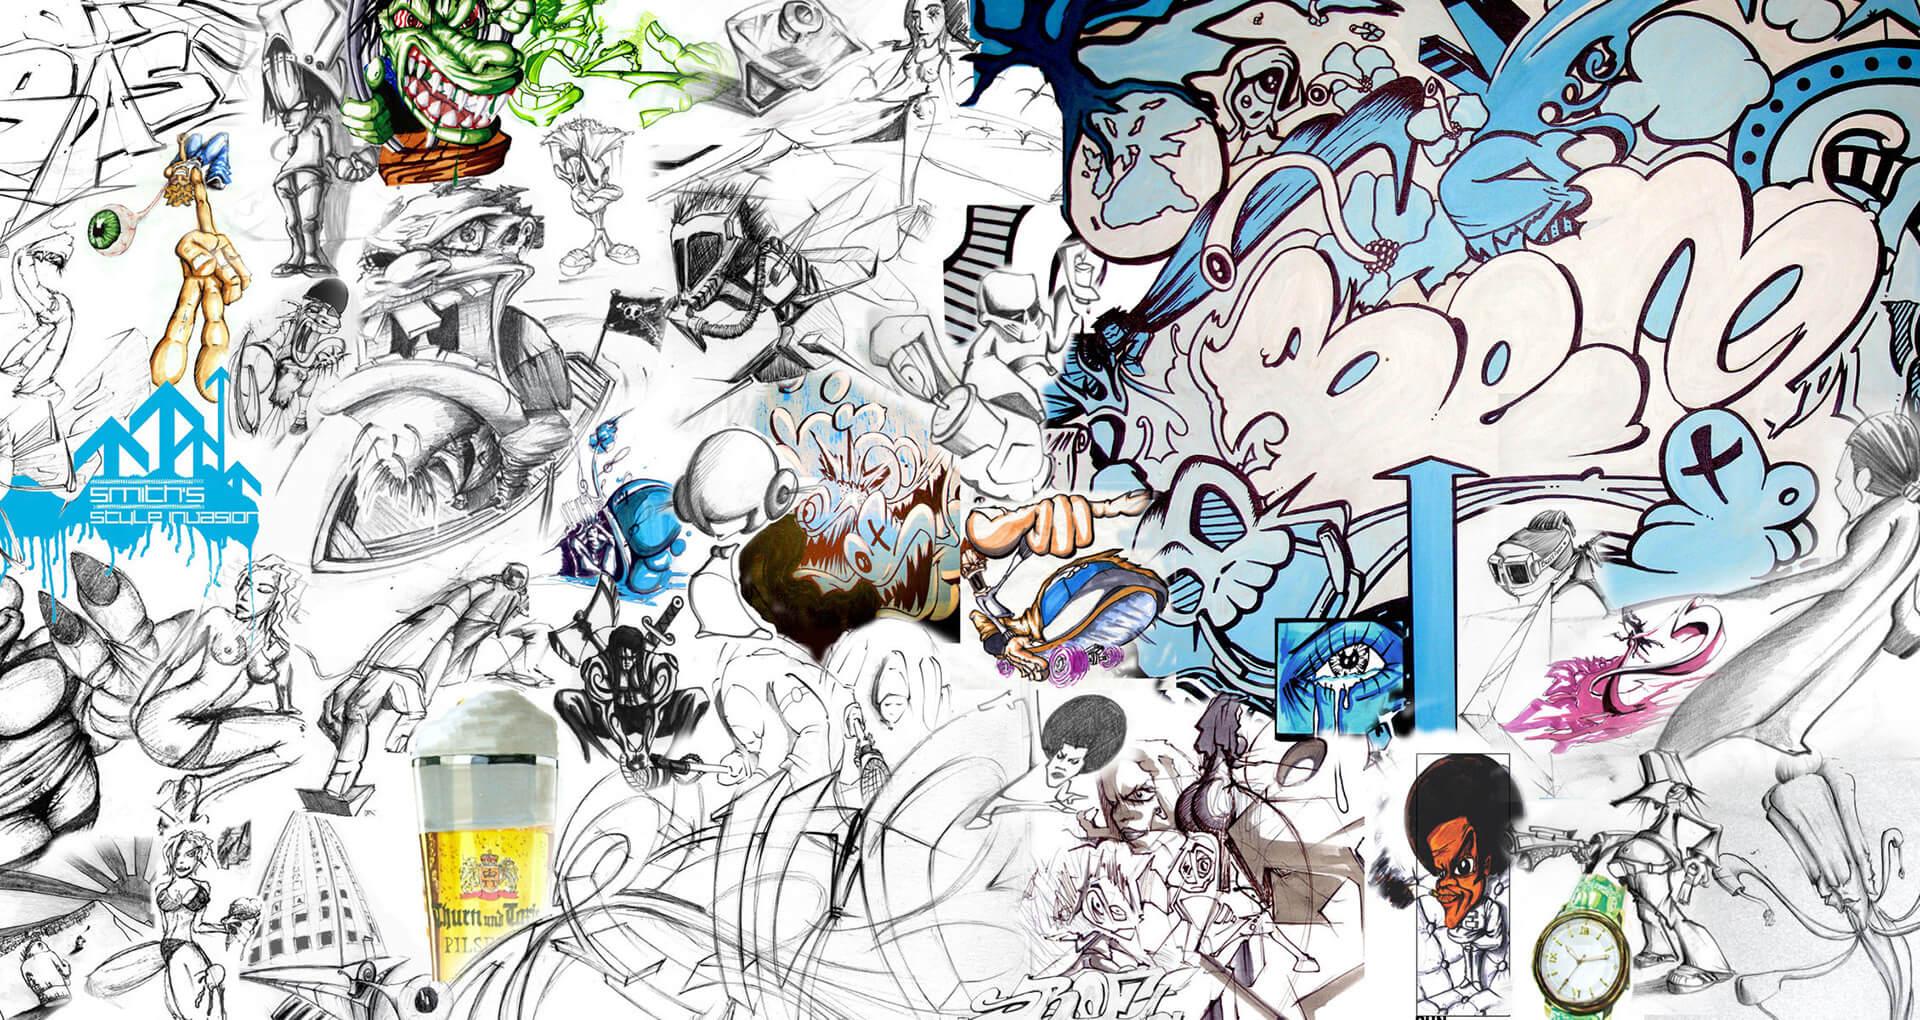 art paintings illustration cover street grafitti grafik gregor fenger 6